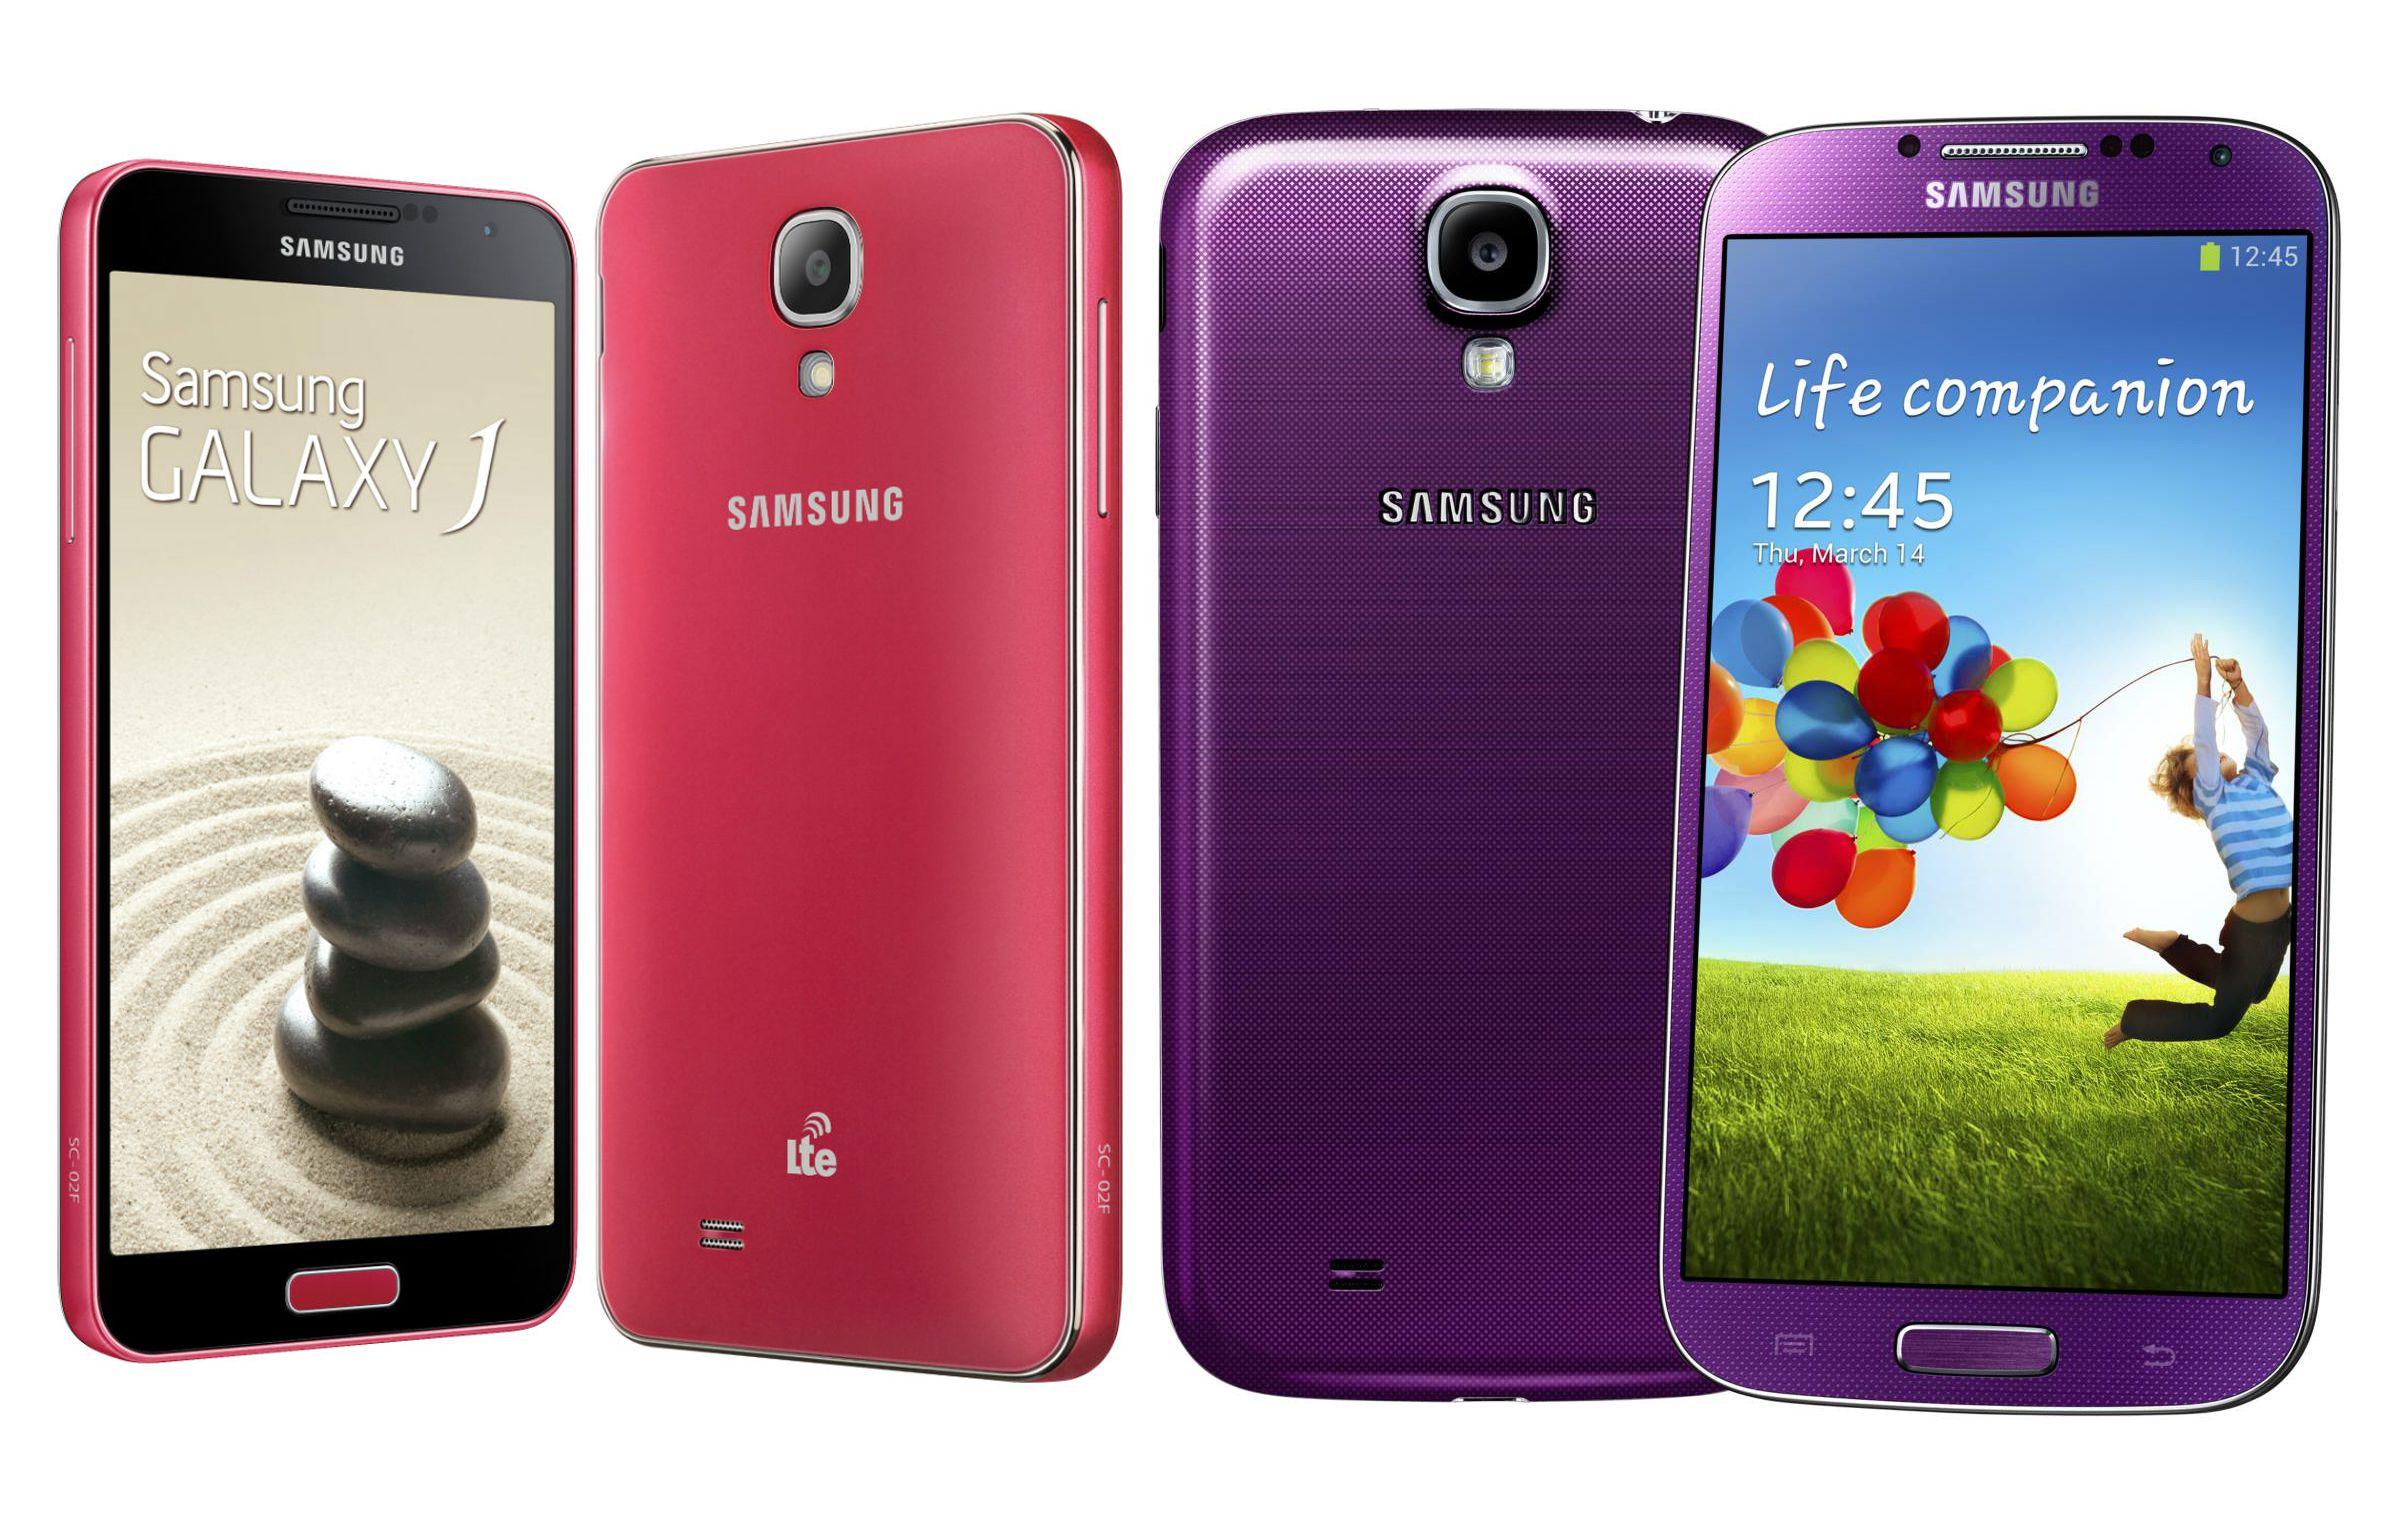 Diferencias Entre Samsung Galaxy S4 Y Samsung Galaxy J